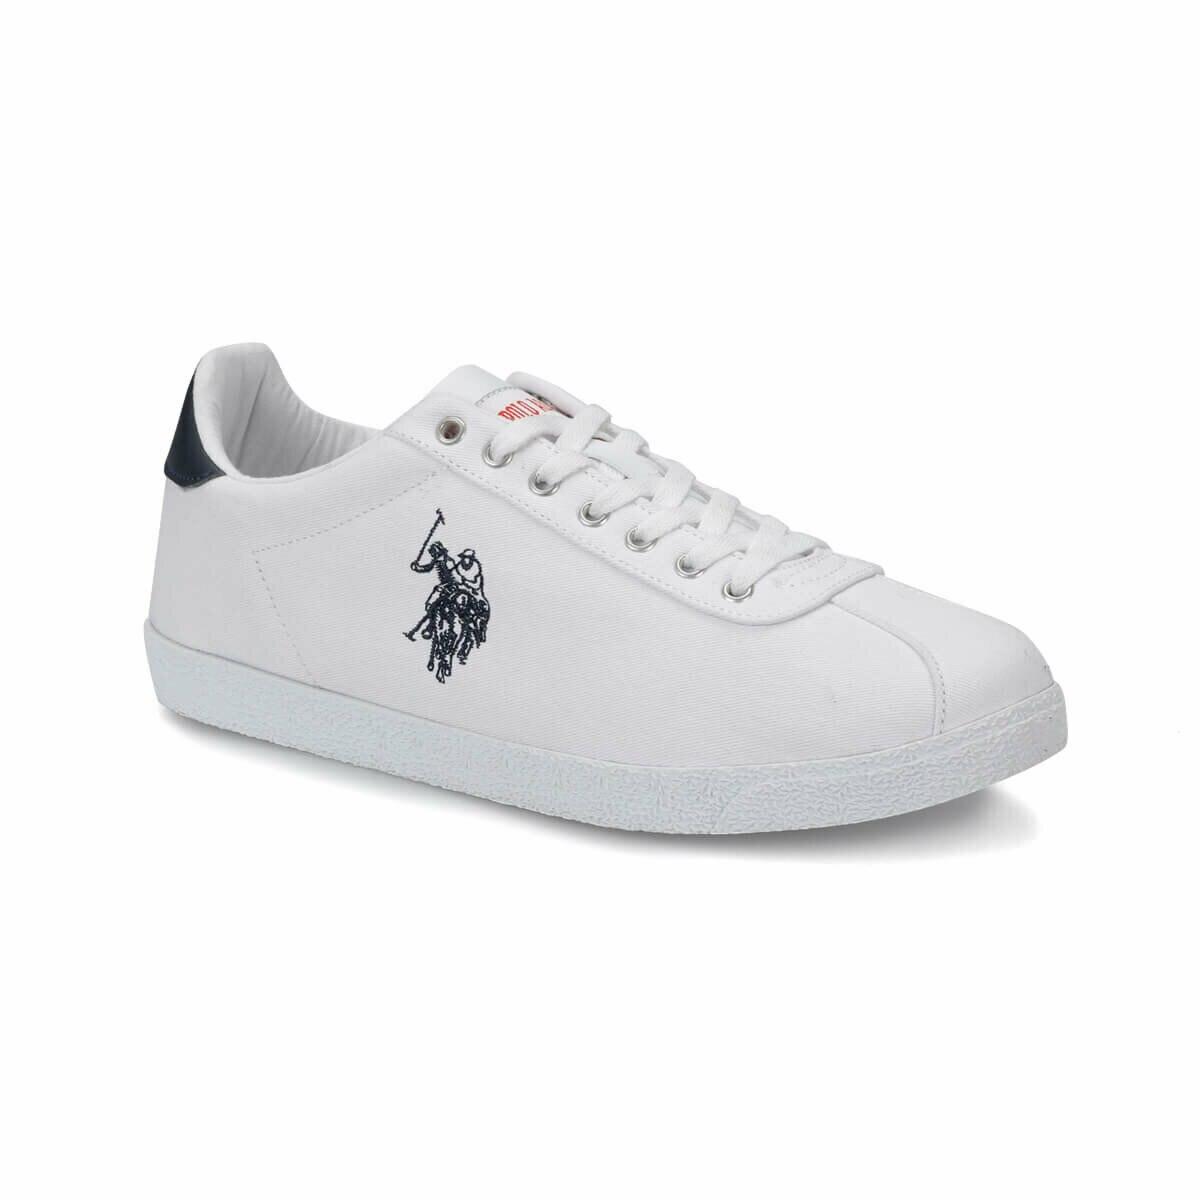 FLO TABOR White Men 'S Sneaker Shoes U.S. POLO ASSN.